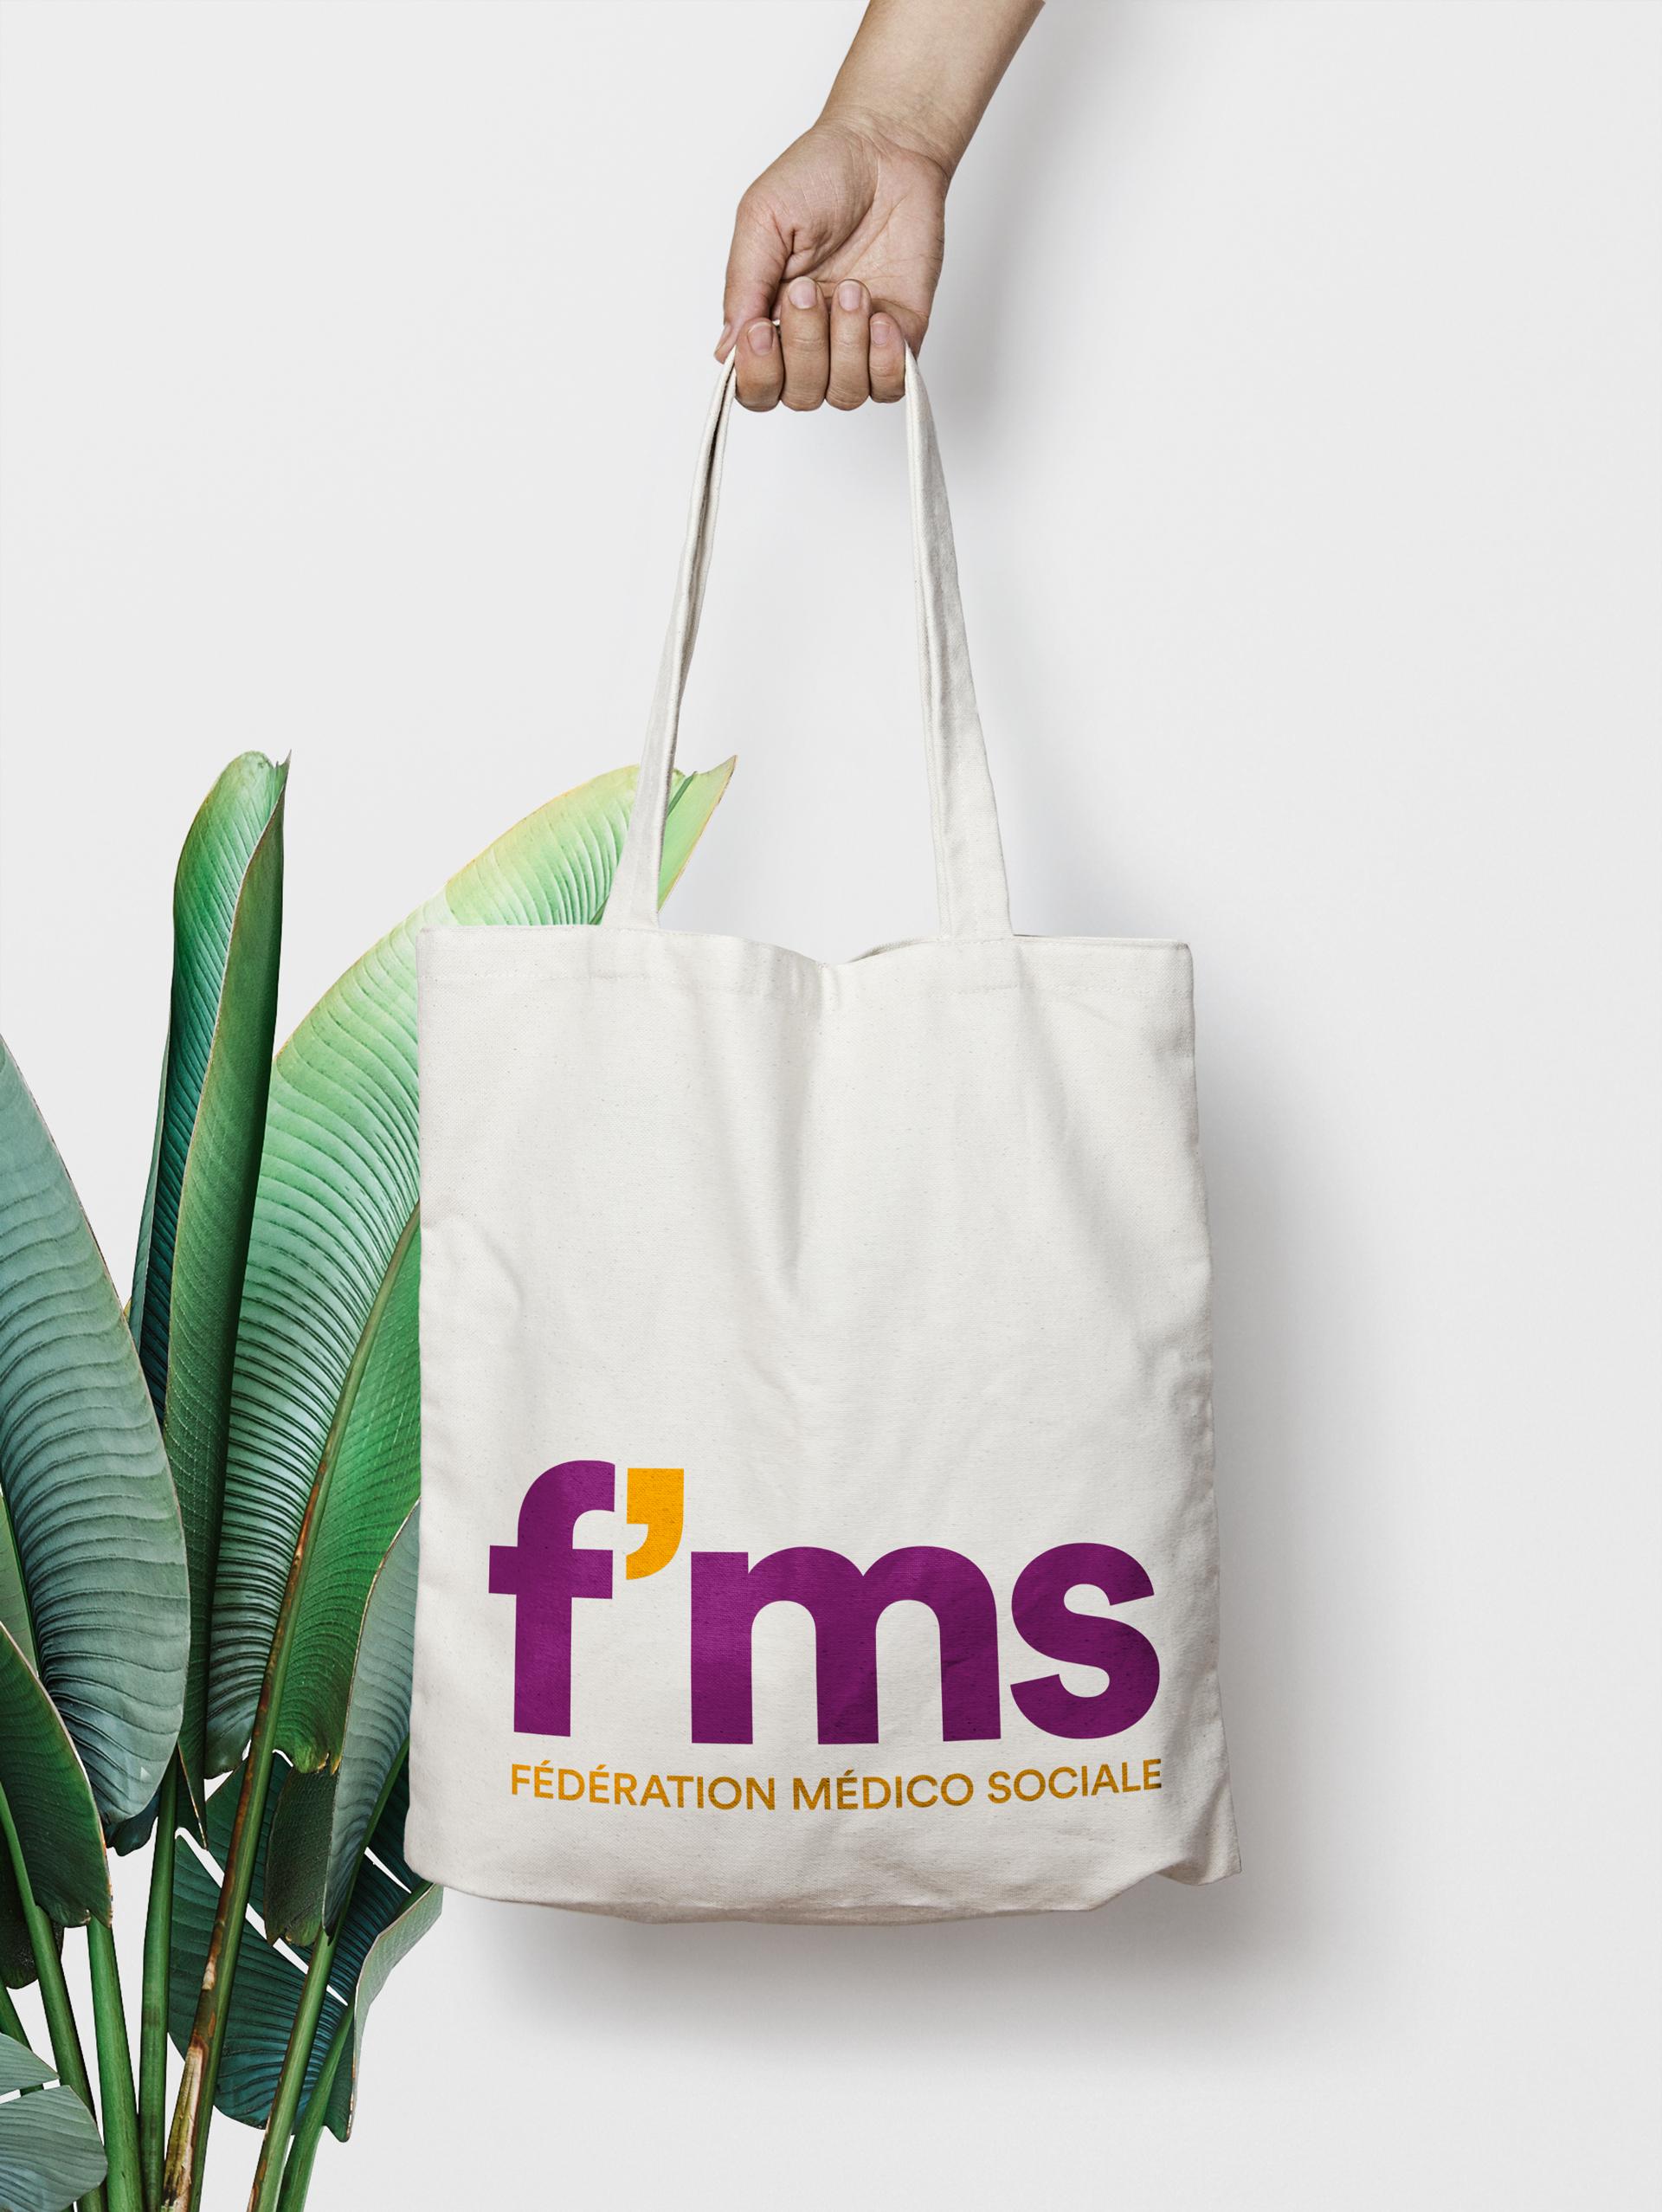 lezardscreation agence communication publicite vosges remiremont fms fms tote bag mockup blanc copie copie